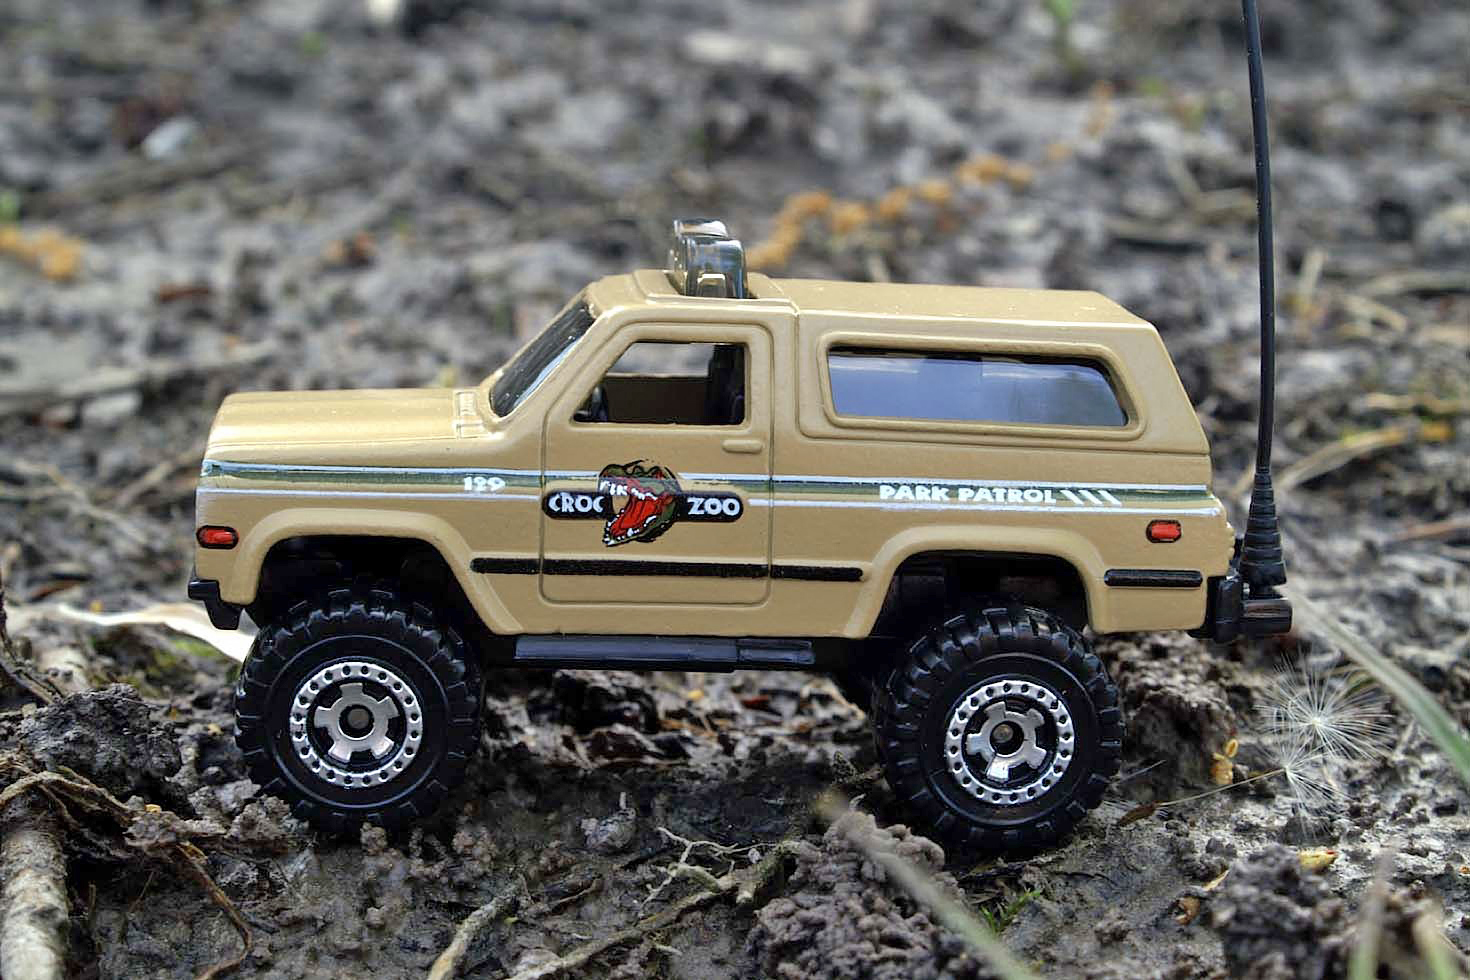 4x4 Chevy Blazer Matchbox Cars Wiki